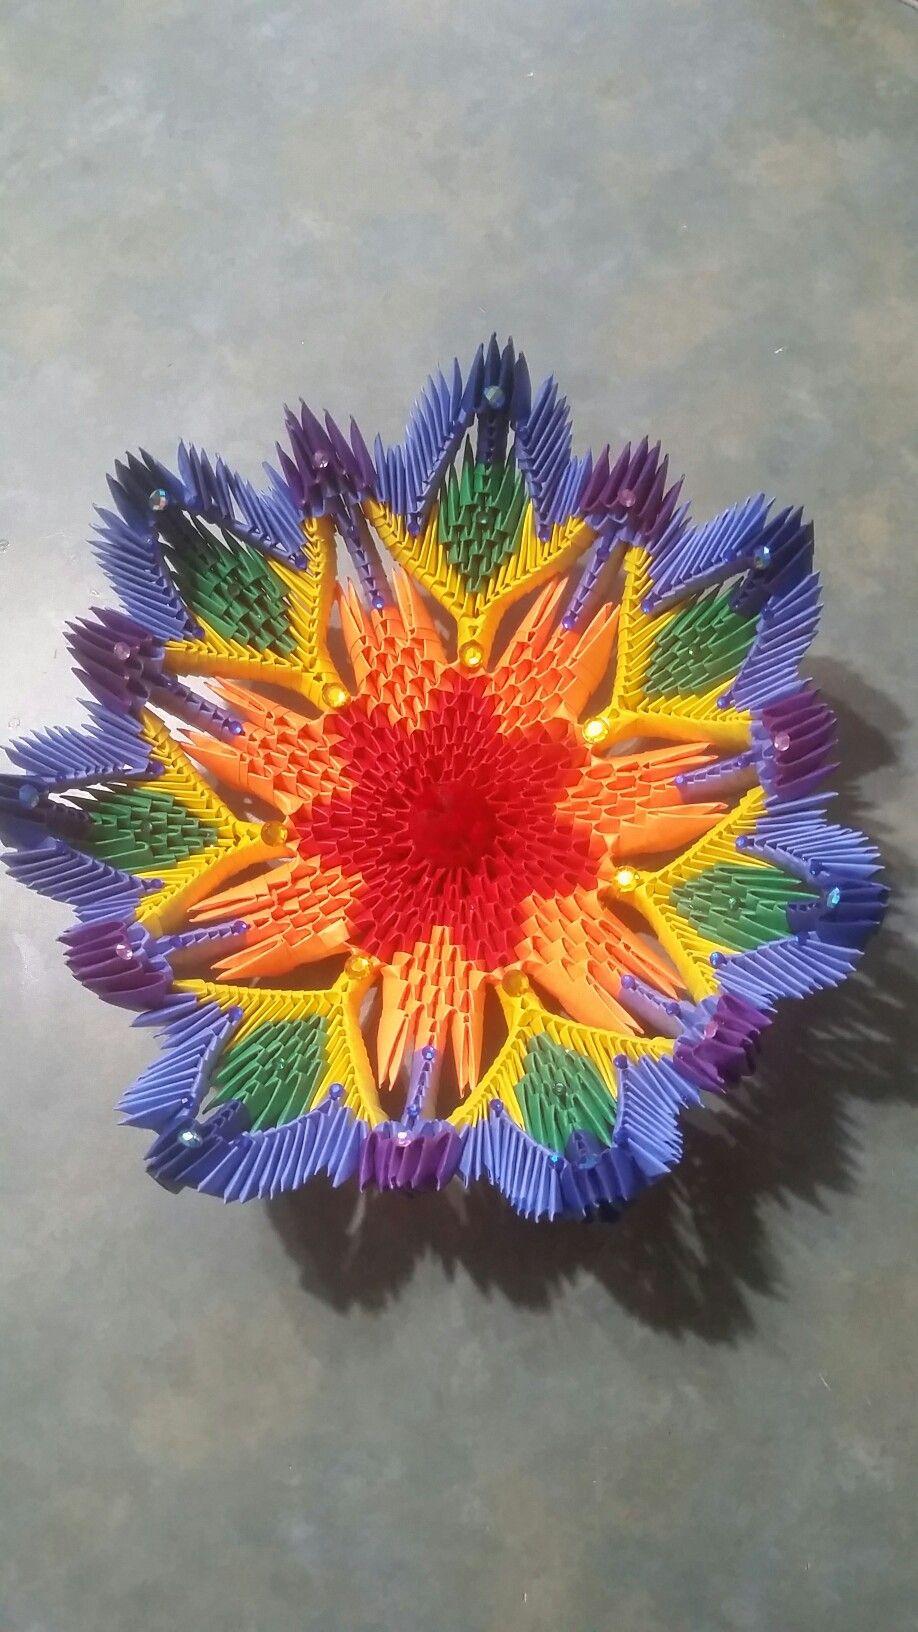 3d origami bowl 3d origami pinterest 3d origami origami and 3d 3d origami bowl jeuxipadfo Images